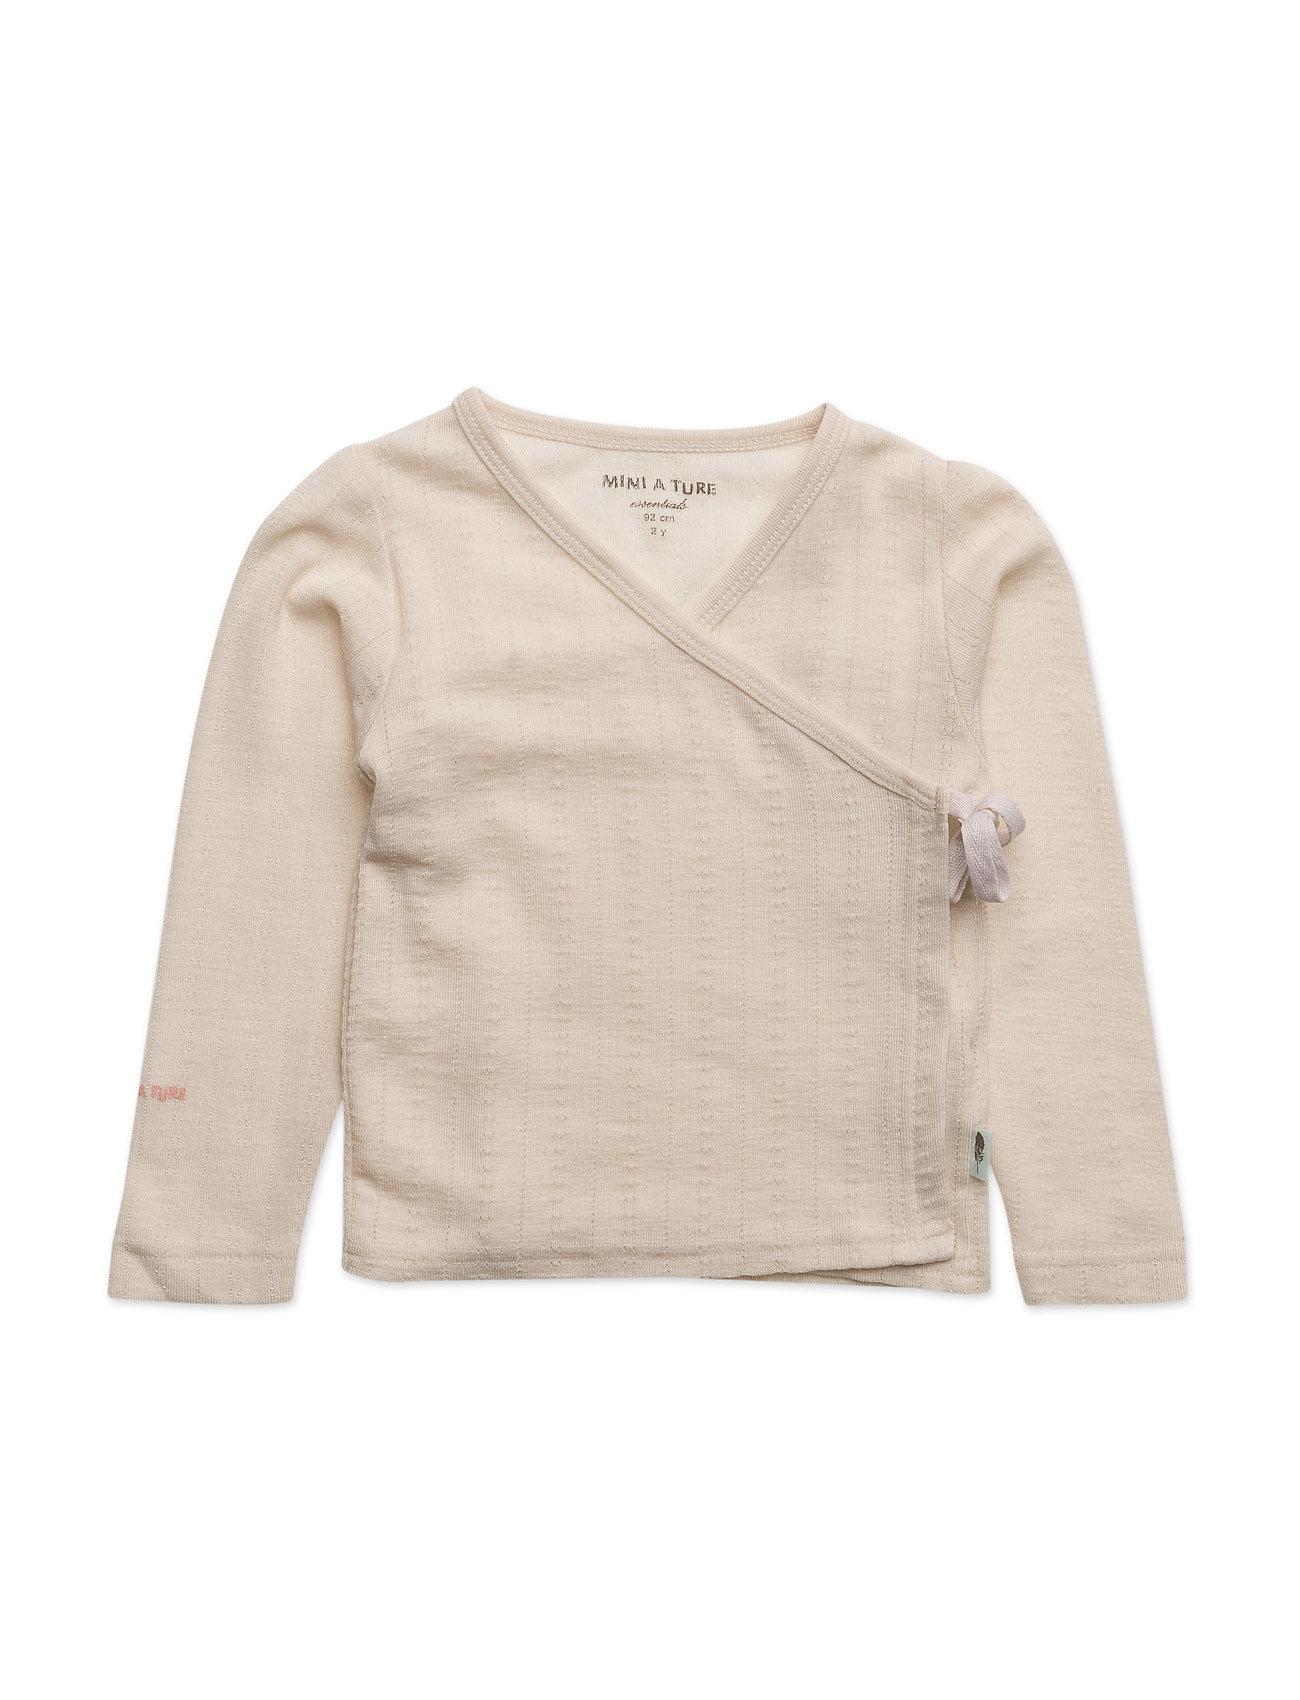 Europa Blouse, B Mini A Ture Langærmede t-shirts til Børn i Sandshell